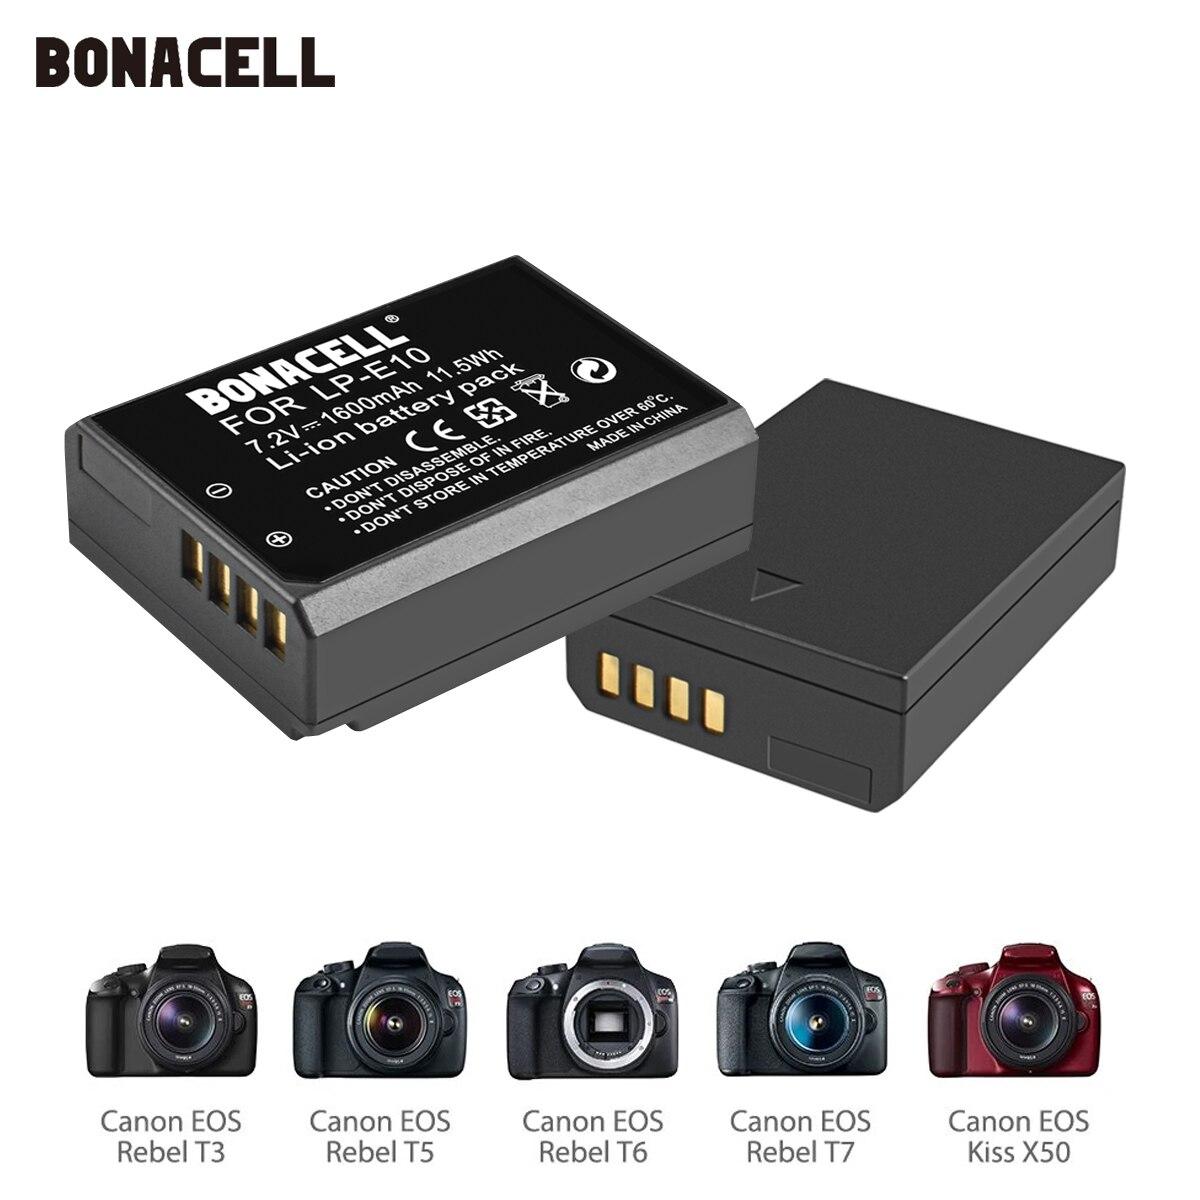 Bonacell LP-E10 LPE10 LP E10 Digital camera battery for Canon EOS 1100D 1200D 1300D 2000D Rebel T3 T5 T6 KISS X50 X70 Battery L5 znter 7 2v 1600mah lp e5 lpe5 lp e5 camera battery for canon eos eos rebel xs rebel t1i rebel xsi 1000d 500d 450d l50